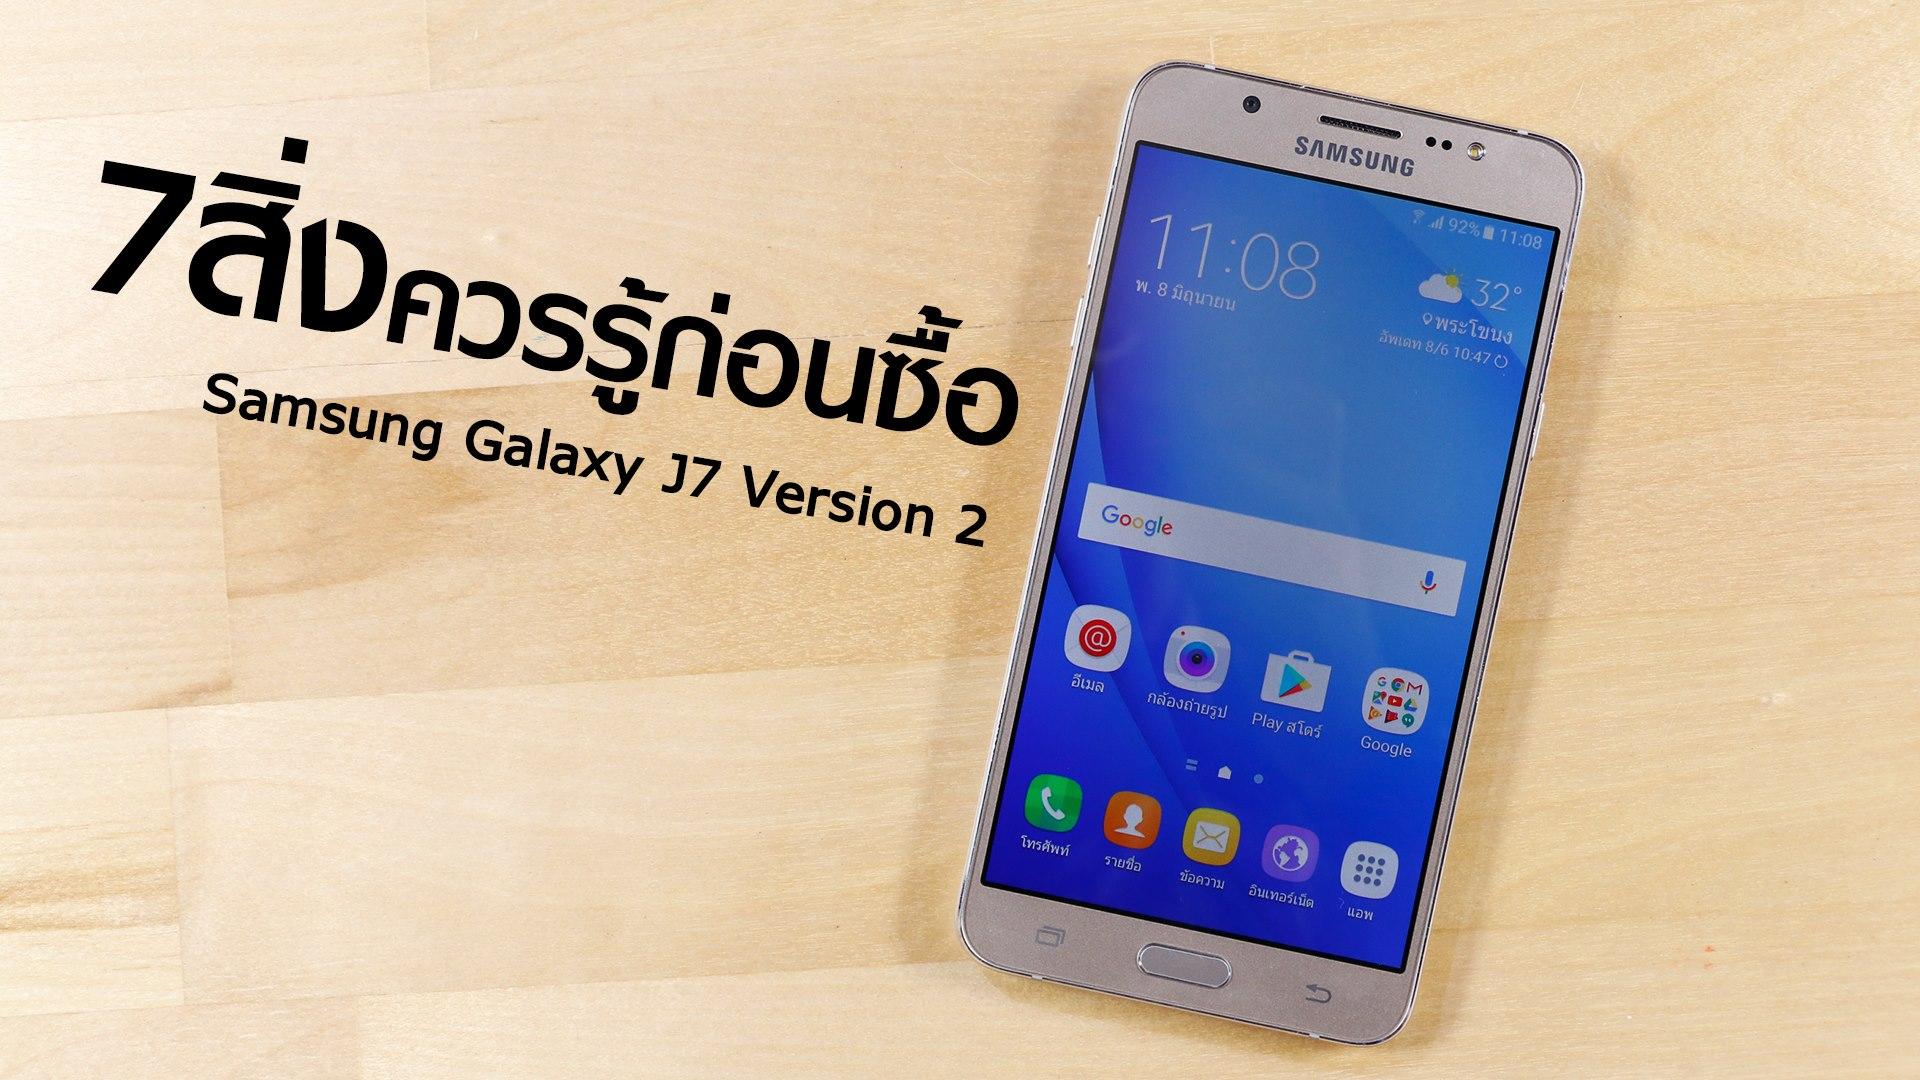 Samsung Galaxy J7 Version 2